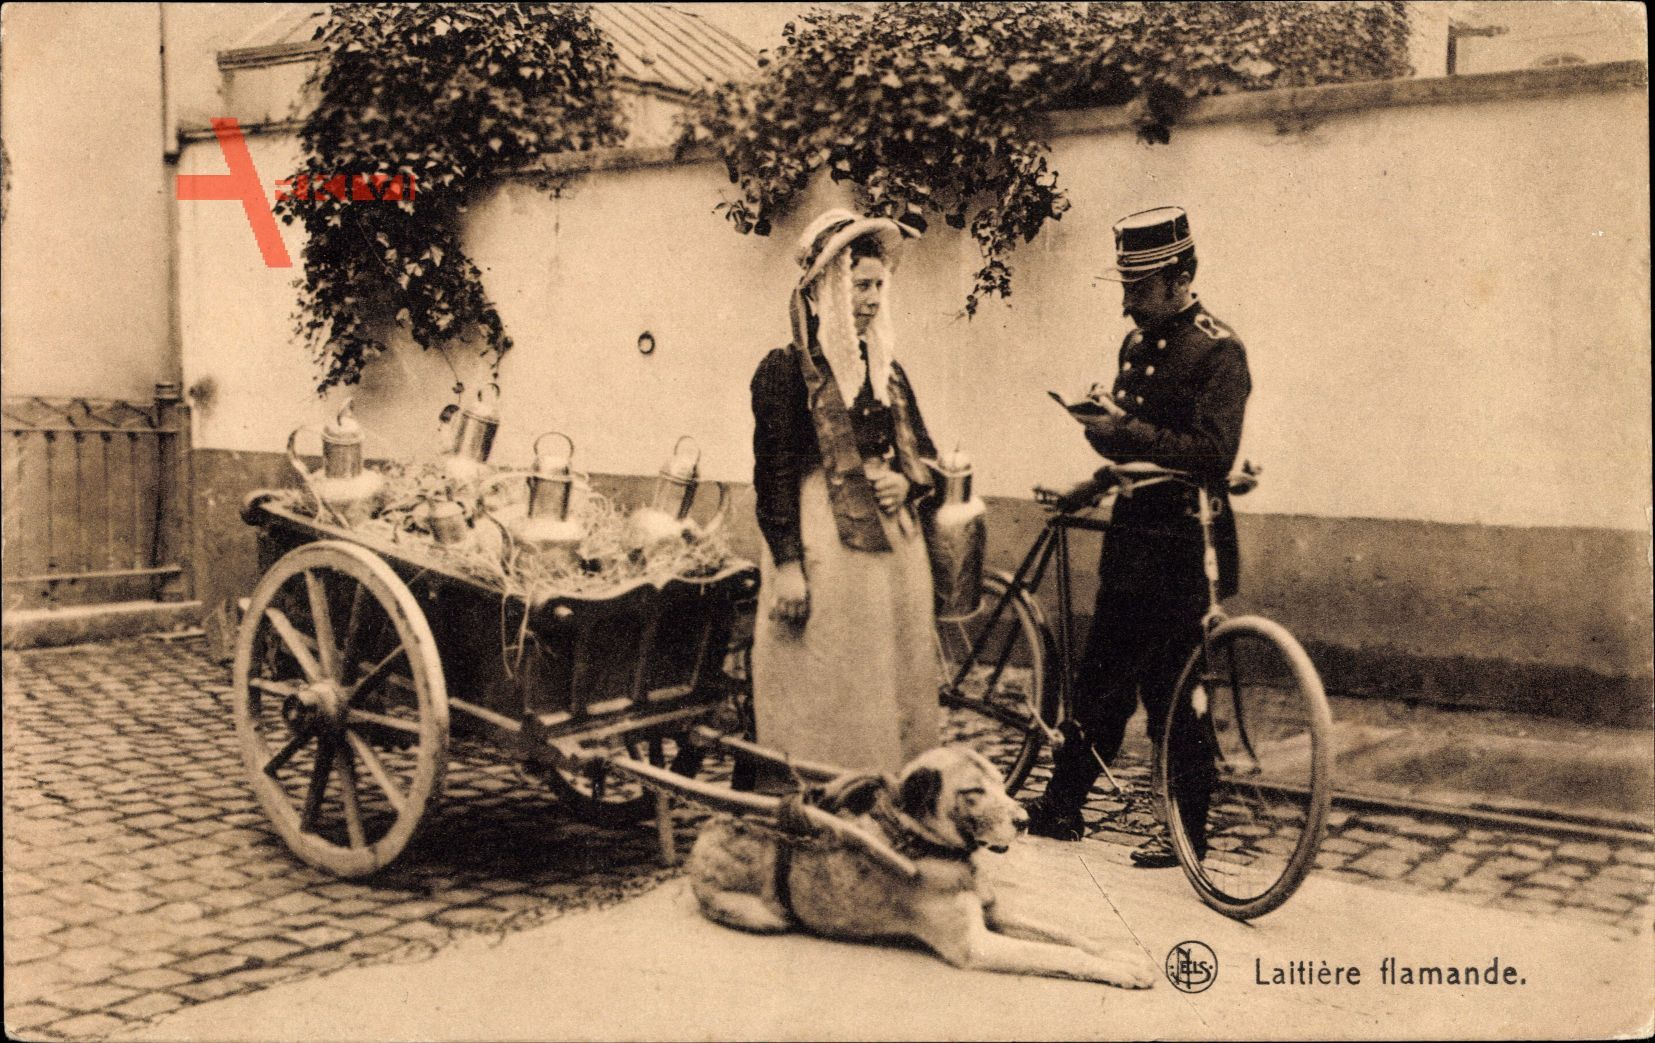 Laitiere flamande, Briefträger mit Fahrrad, Hundekarren, Milchfrau in Tracht